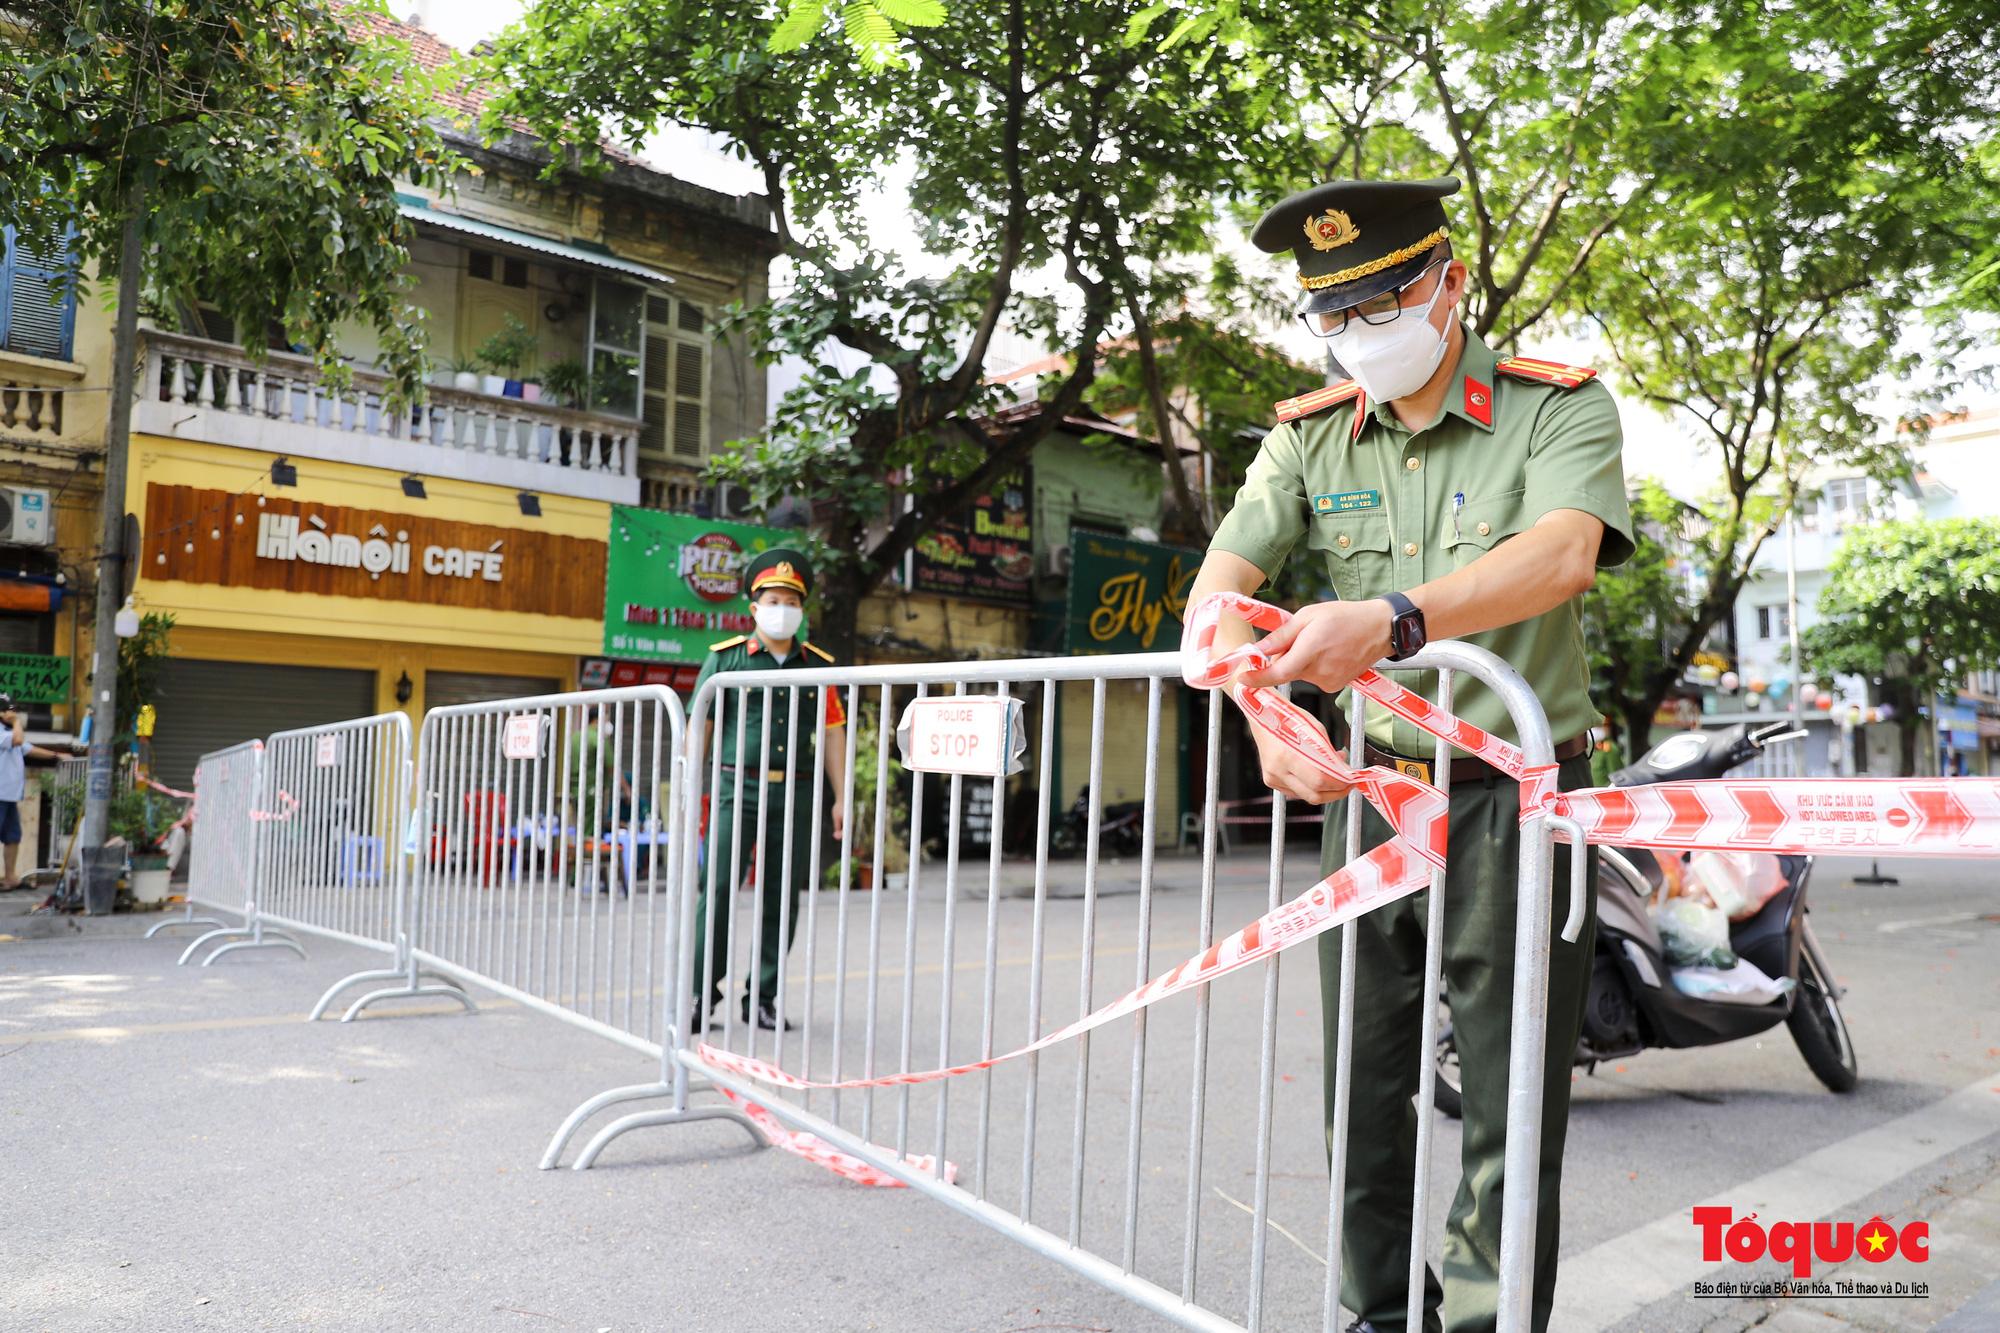 Hà Nội: Phong tỏa 2 phường Văn Miếu, Văn Chương, người dân xếp hàng tiếp tế cho khu cách ly - Ảnh 3.